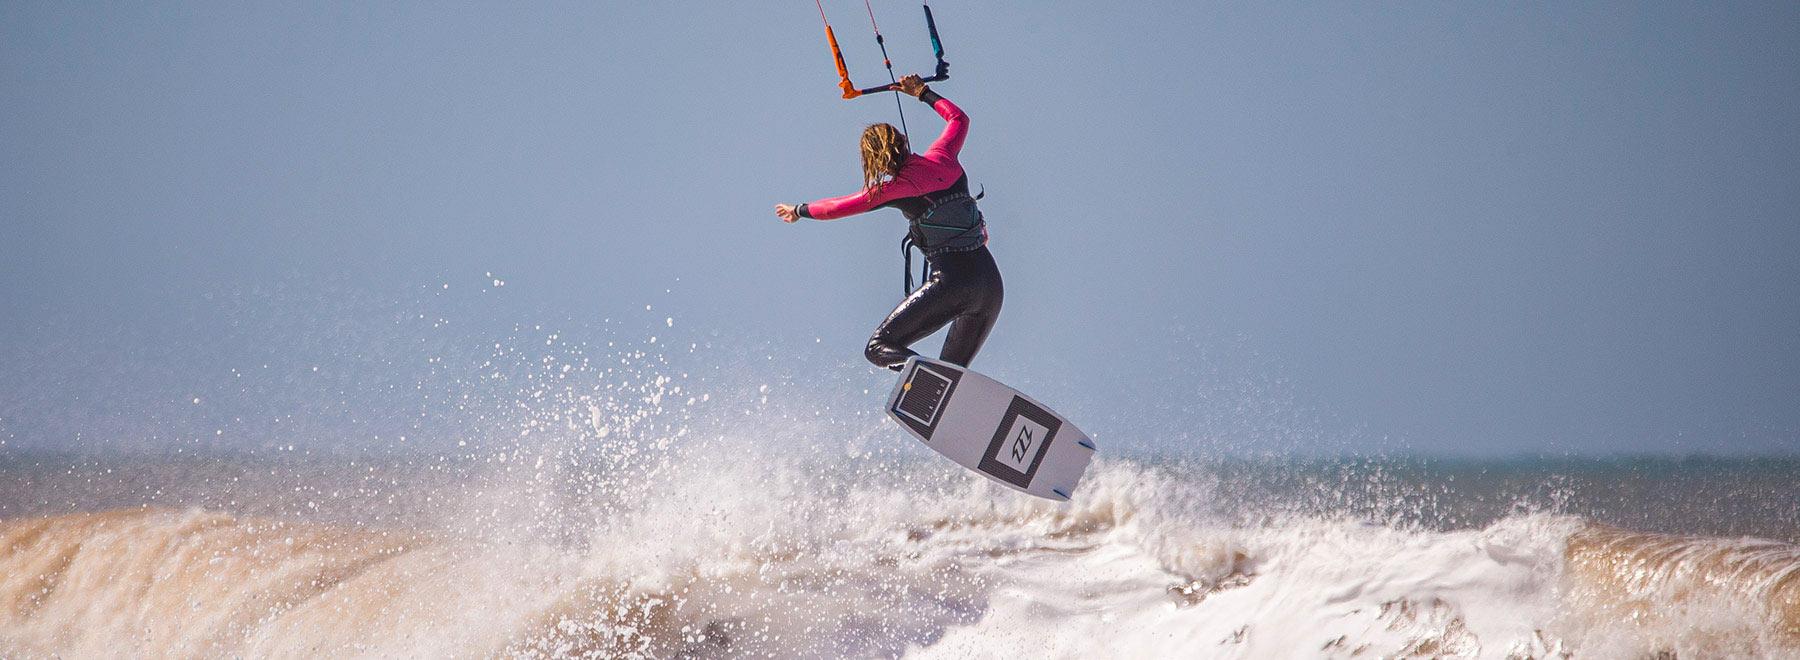 Kitesurfen-in-Marokko-Essaouira_Wavekiten